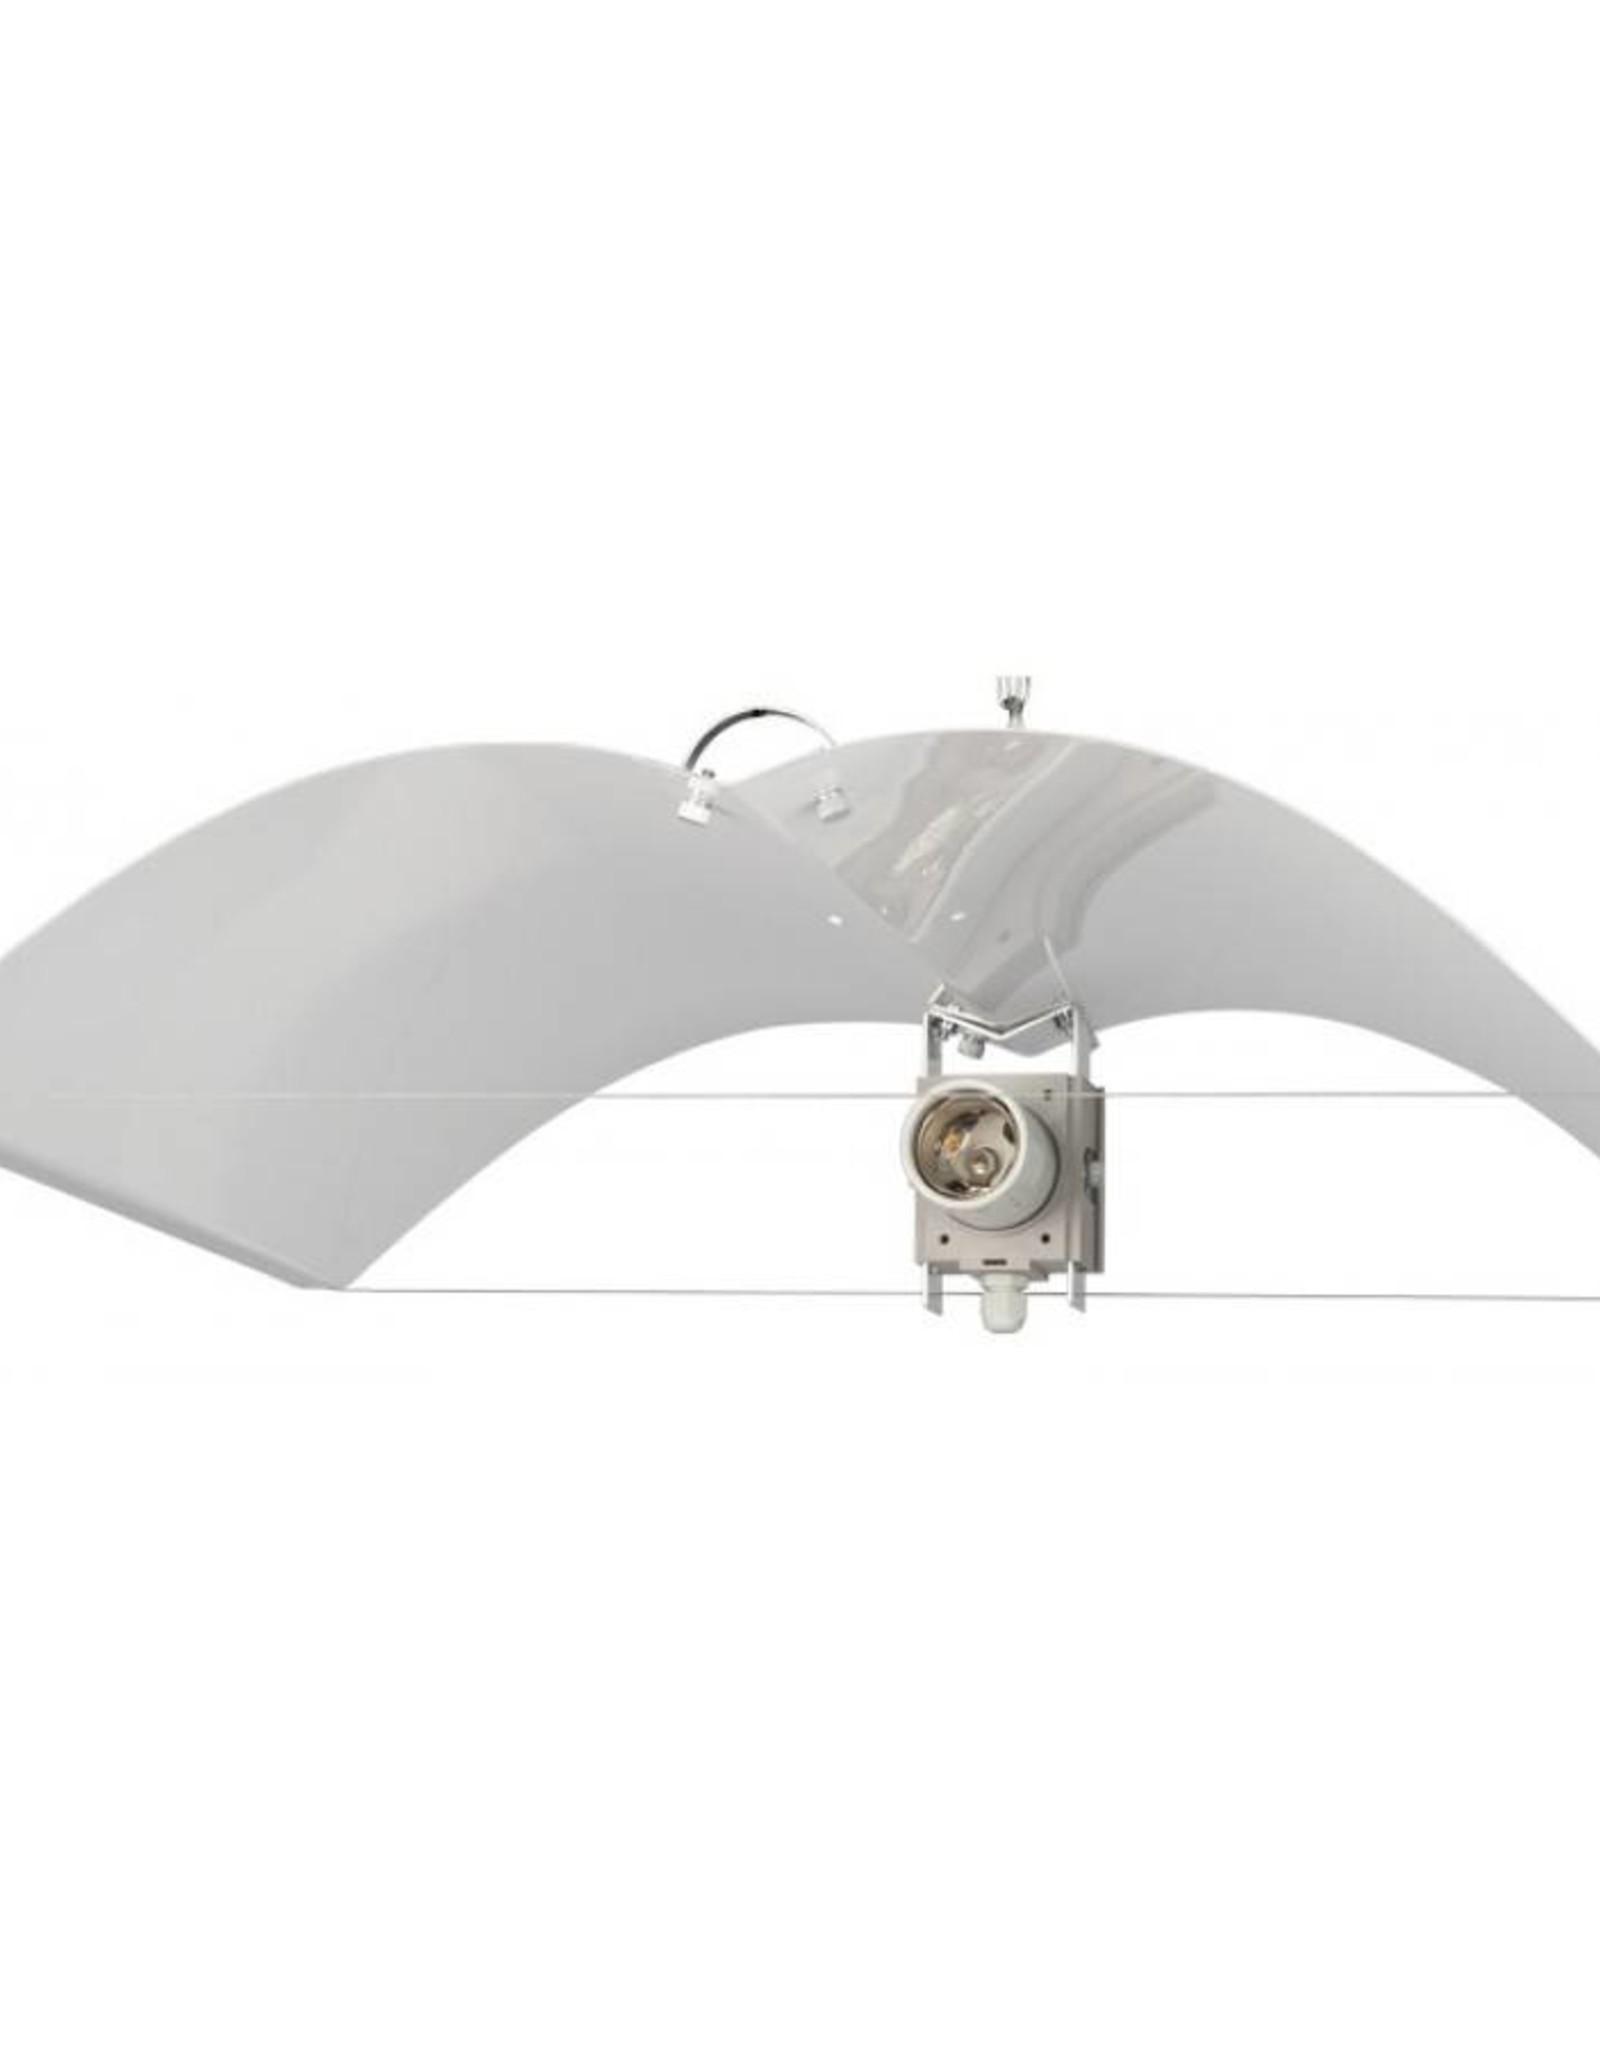 Adjust-a-Wing Adjust-A-Wings Reflektor white Defender Large